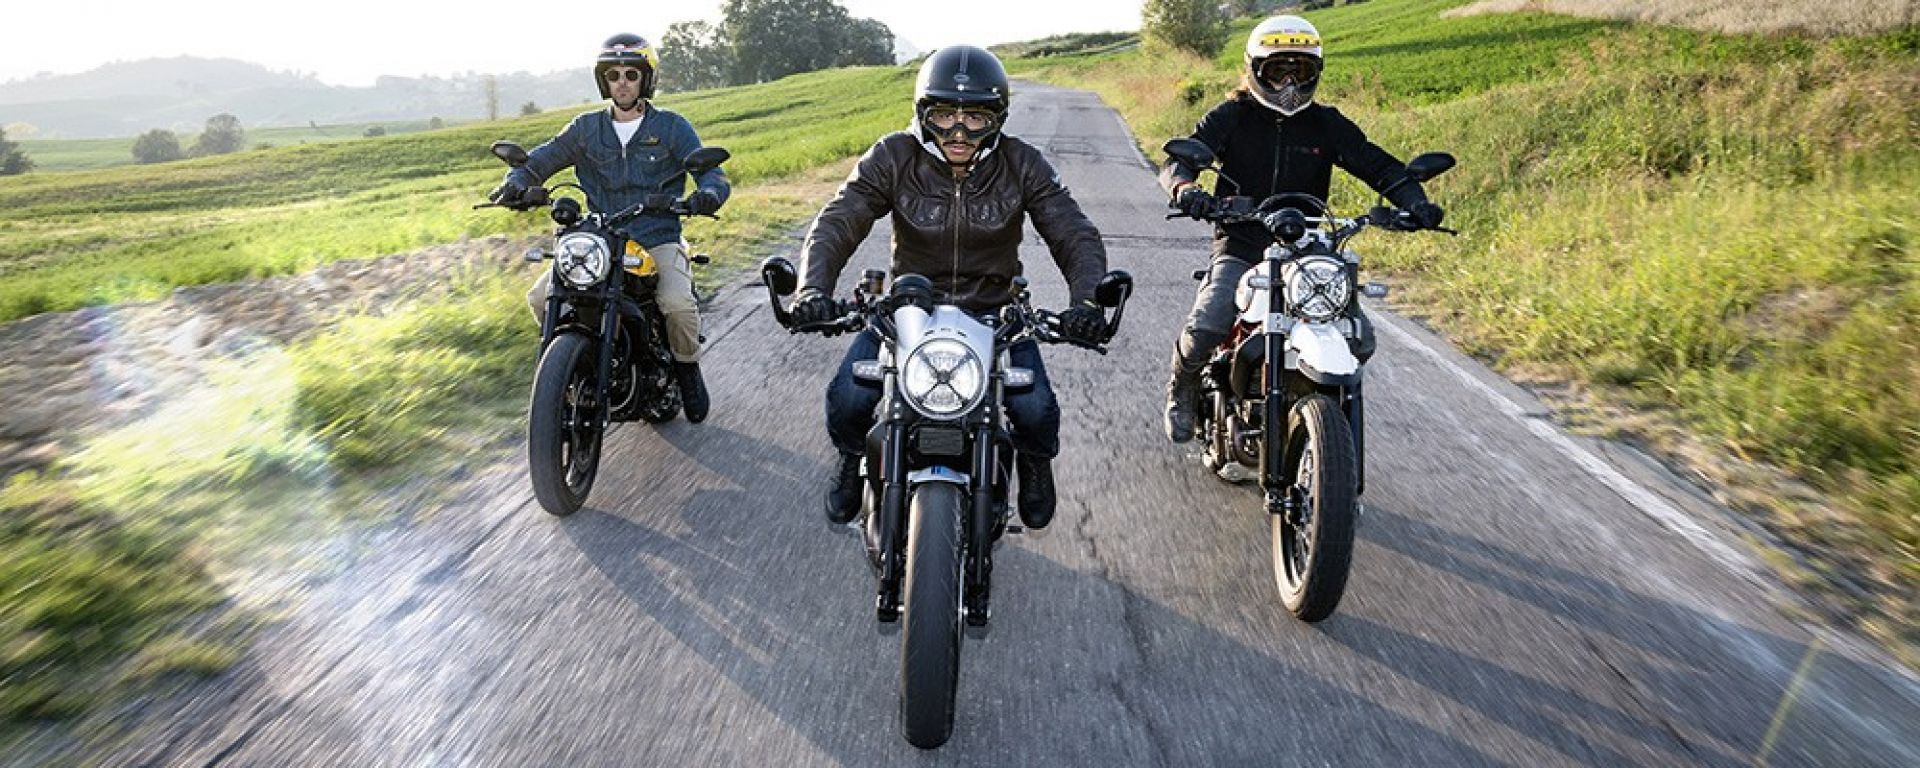 Ducati: le nuove Scrambler a Intermot 2018. Ecco come cambiano